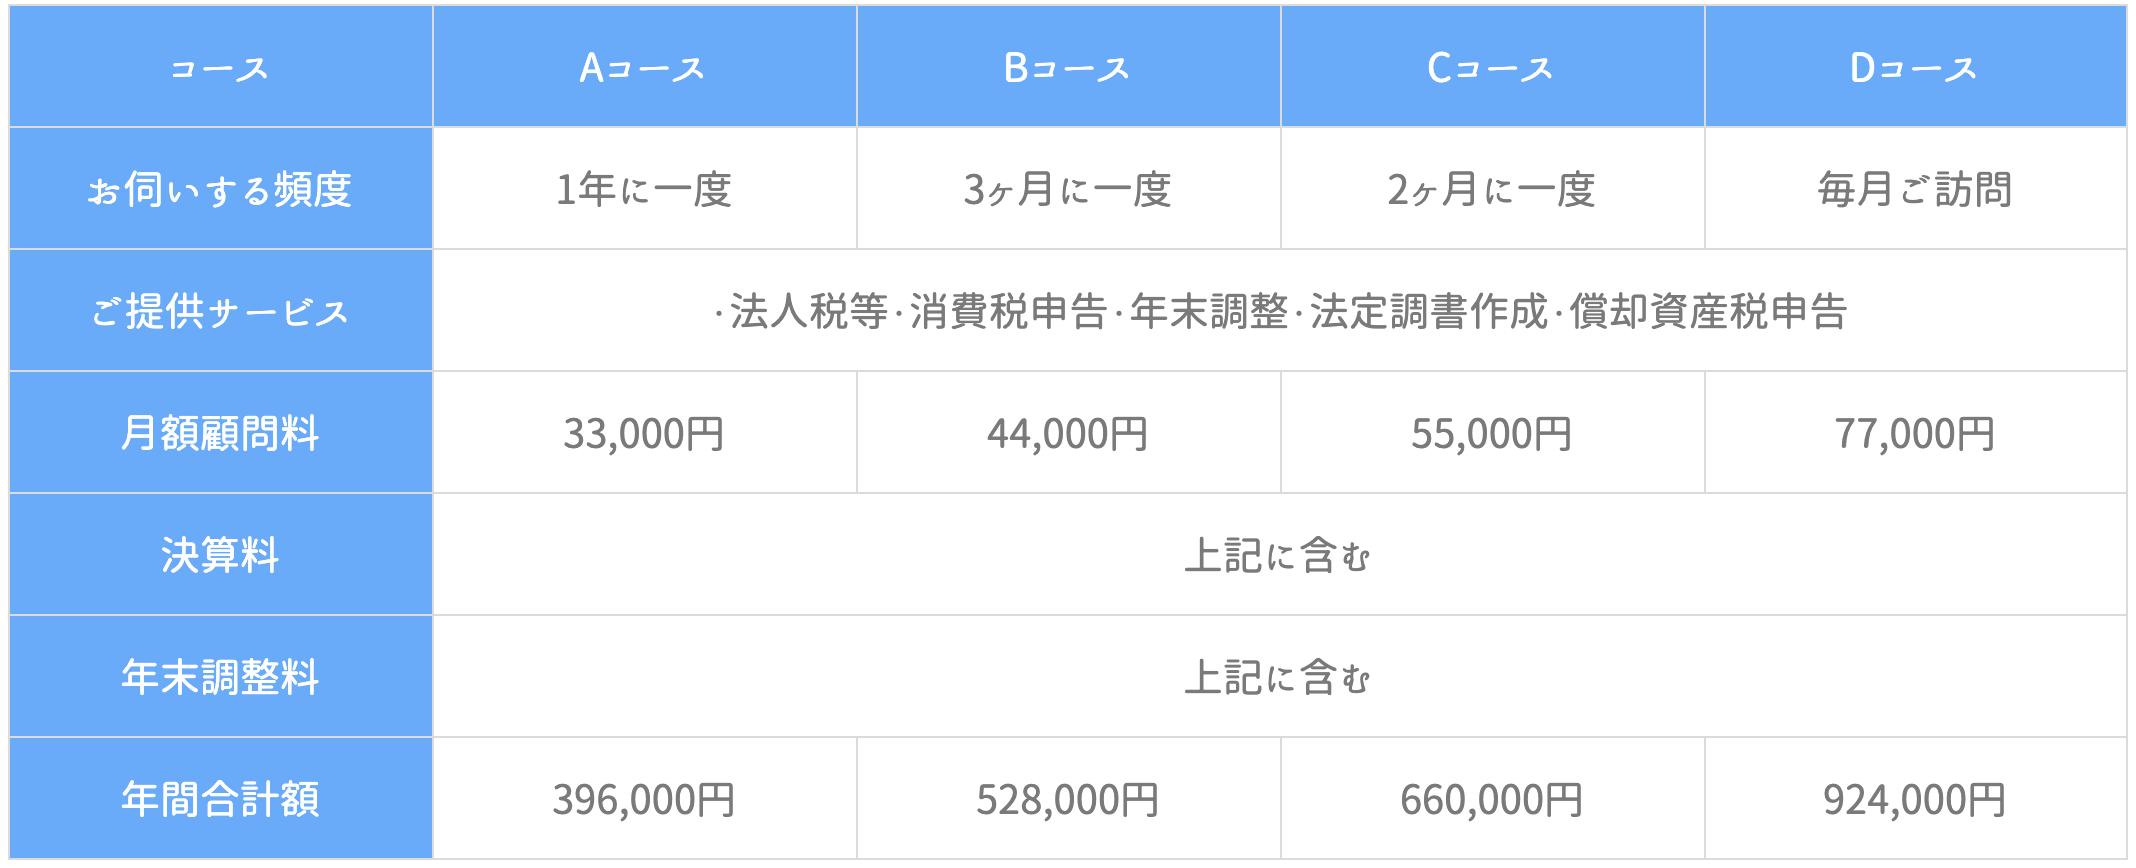 スクリーンショット 2021 06 01 11.43.13 1 - 料金プラン